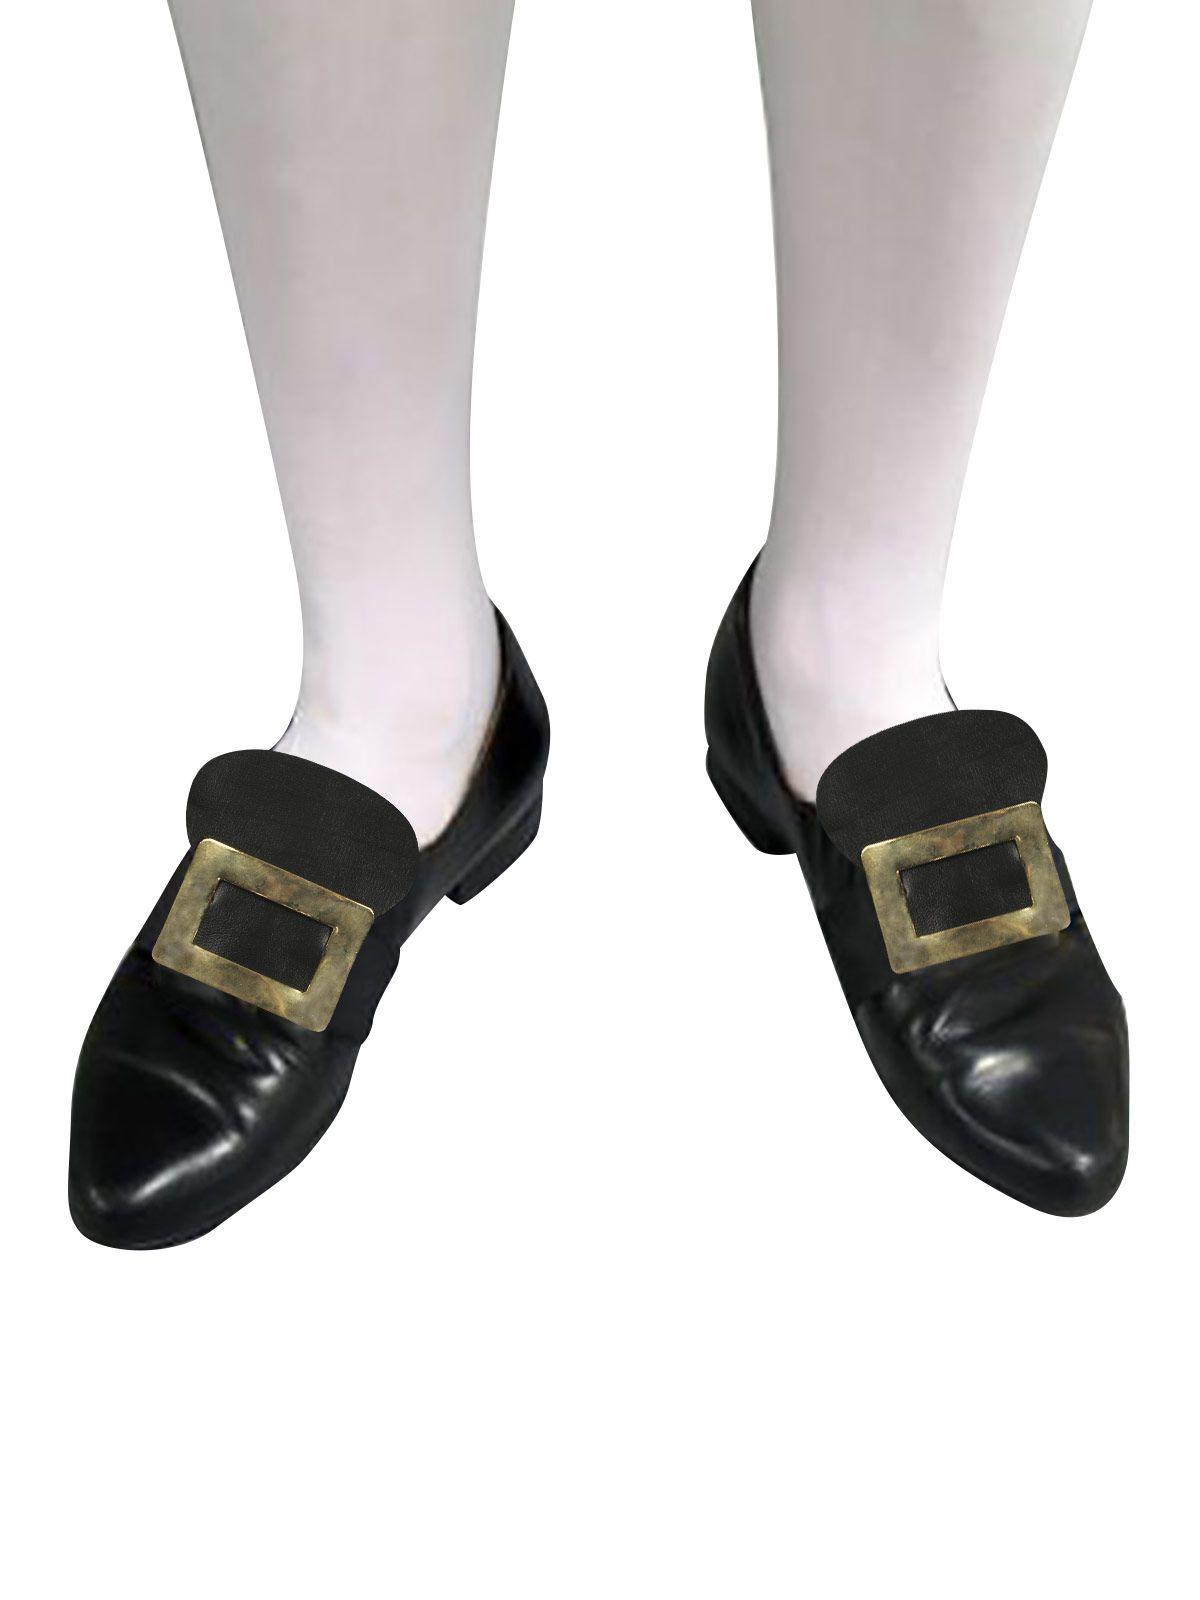 1f96f3b27be Boucle de chaussures dorée   Cette boucle de chaussure dorée est très  baroque ! Elle s